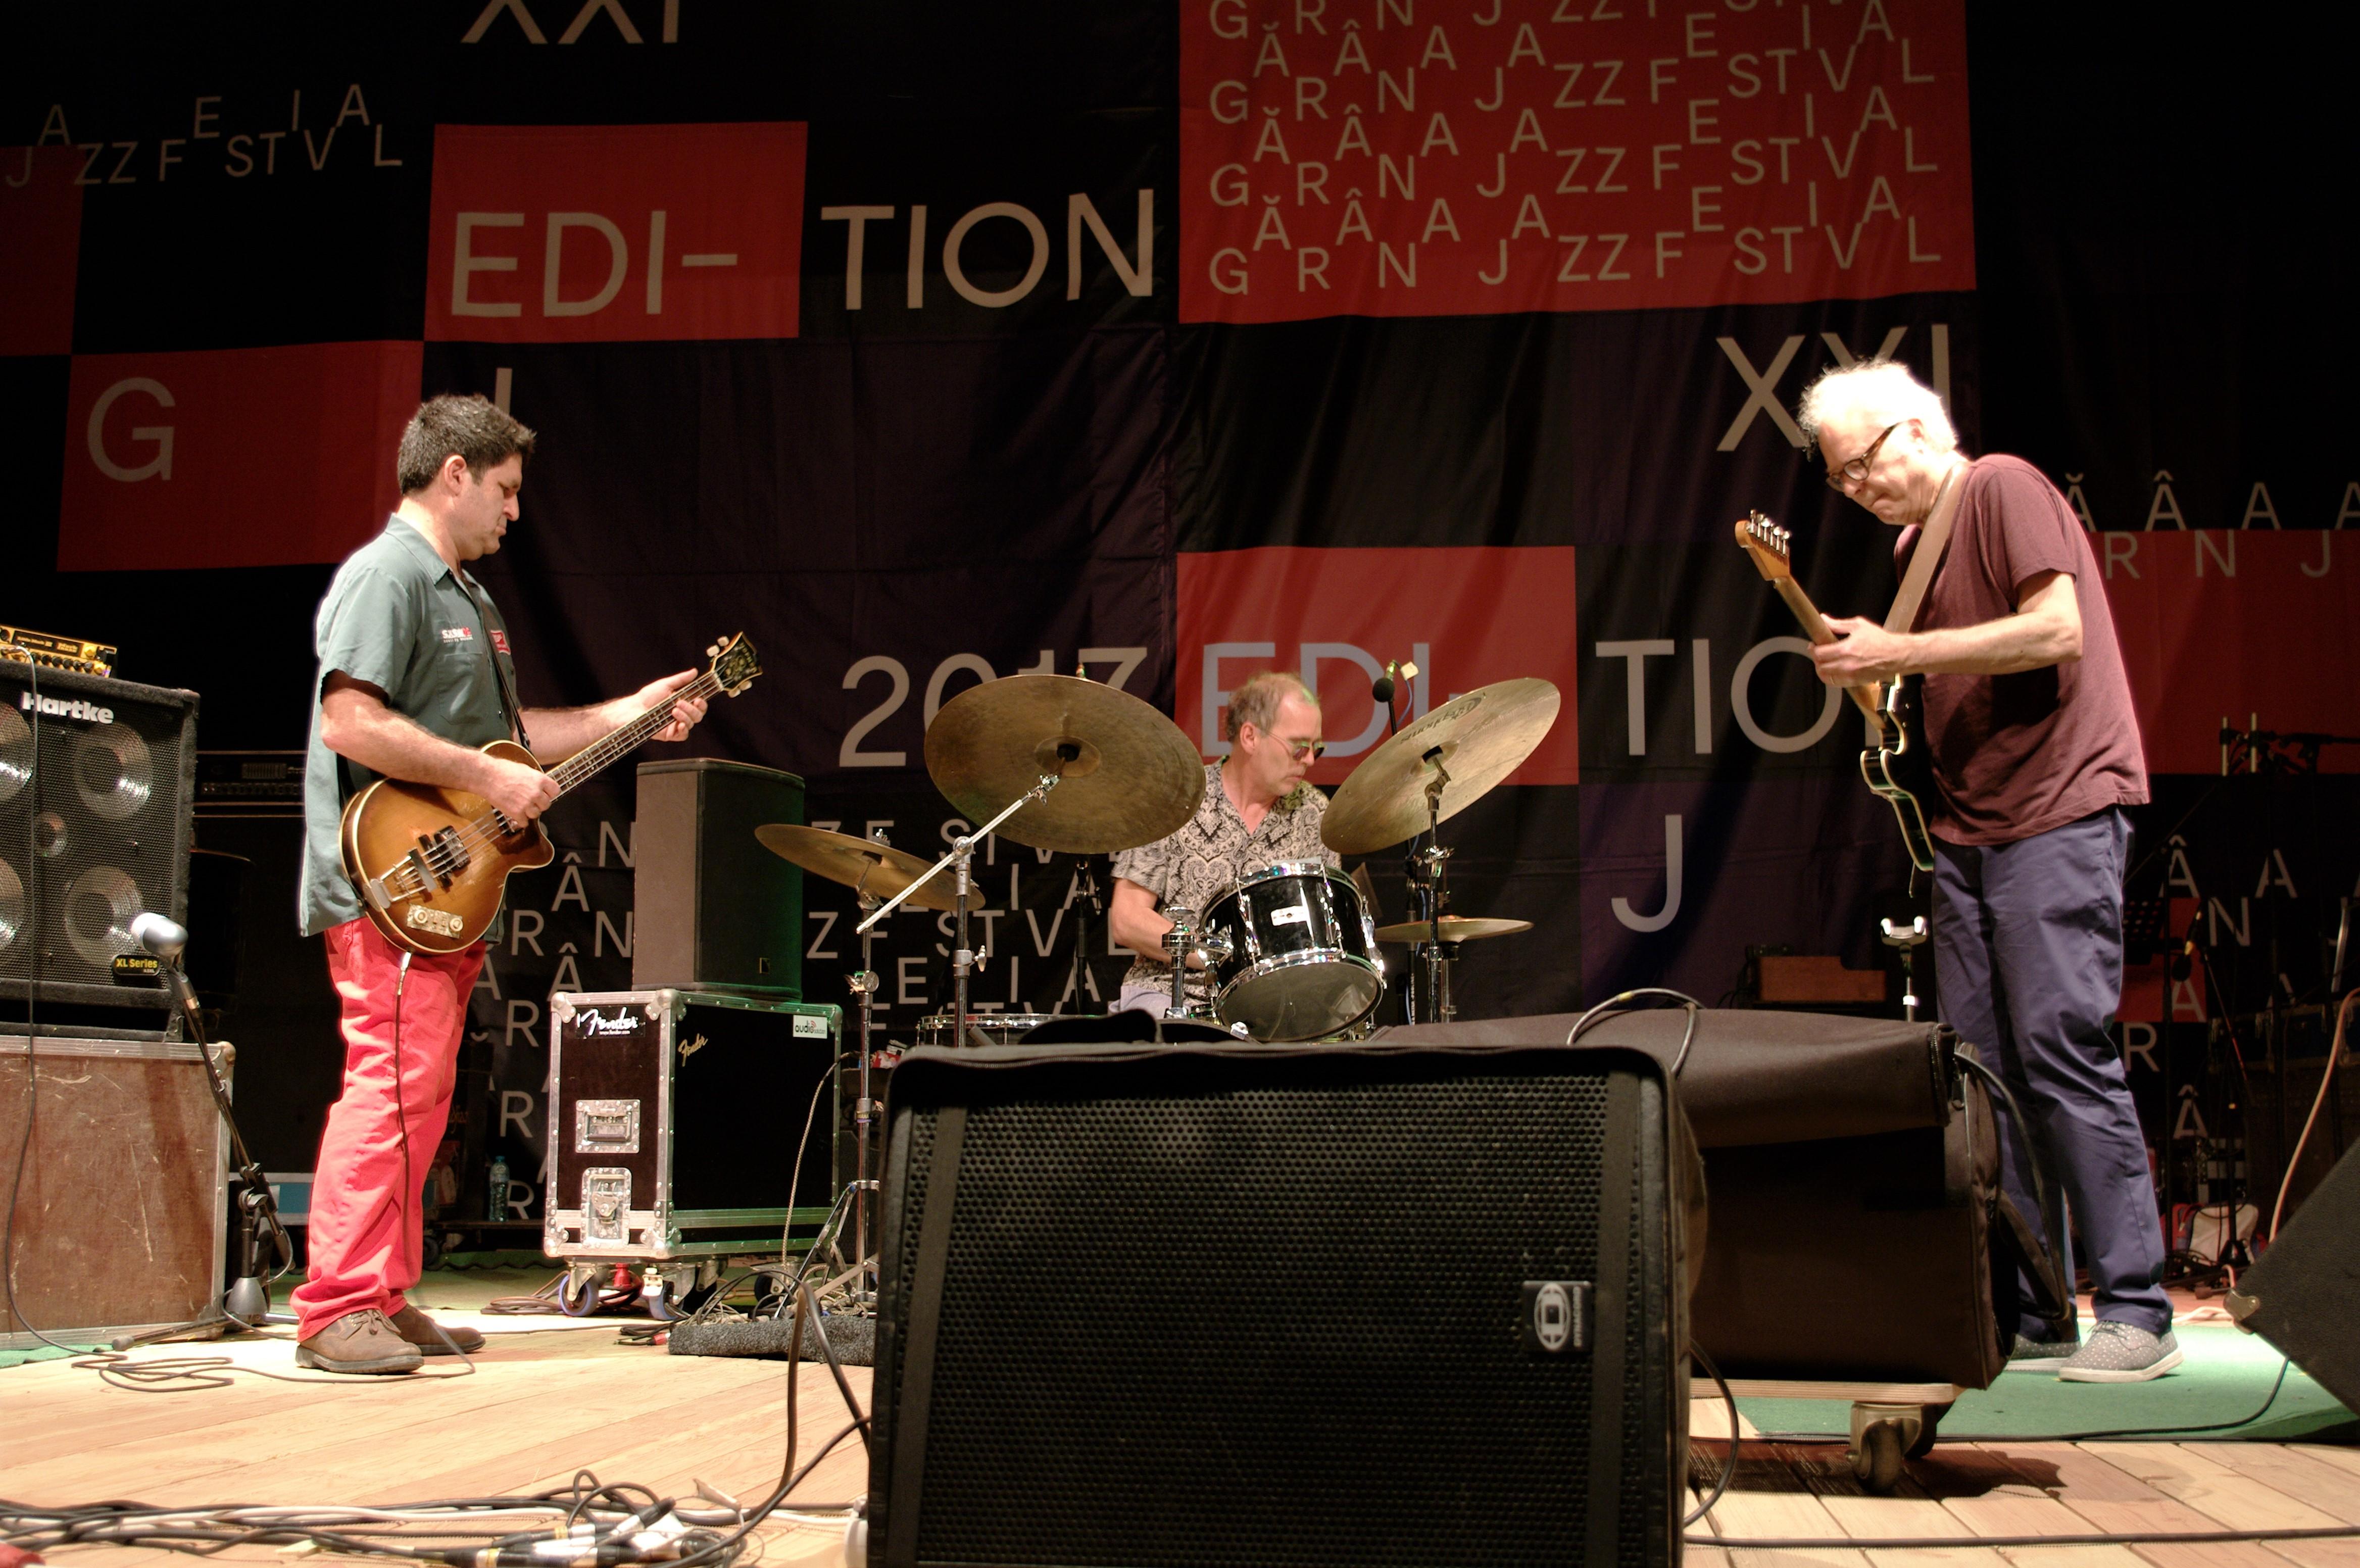 Bill Frisell Trio at Garana Jazz Festival